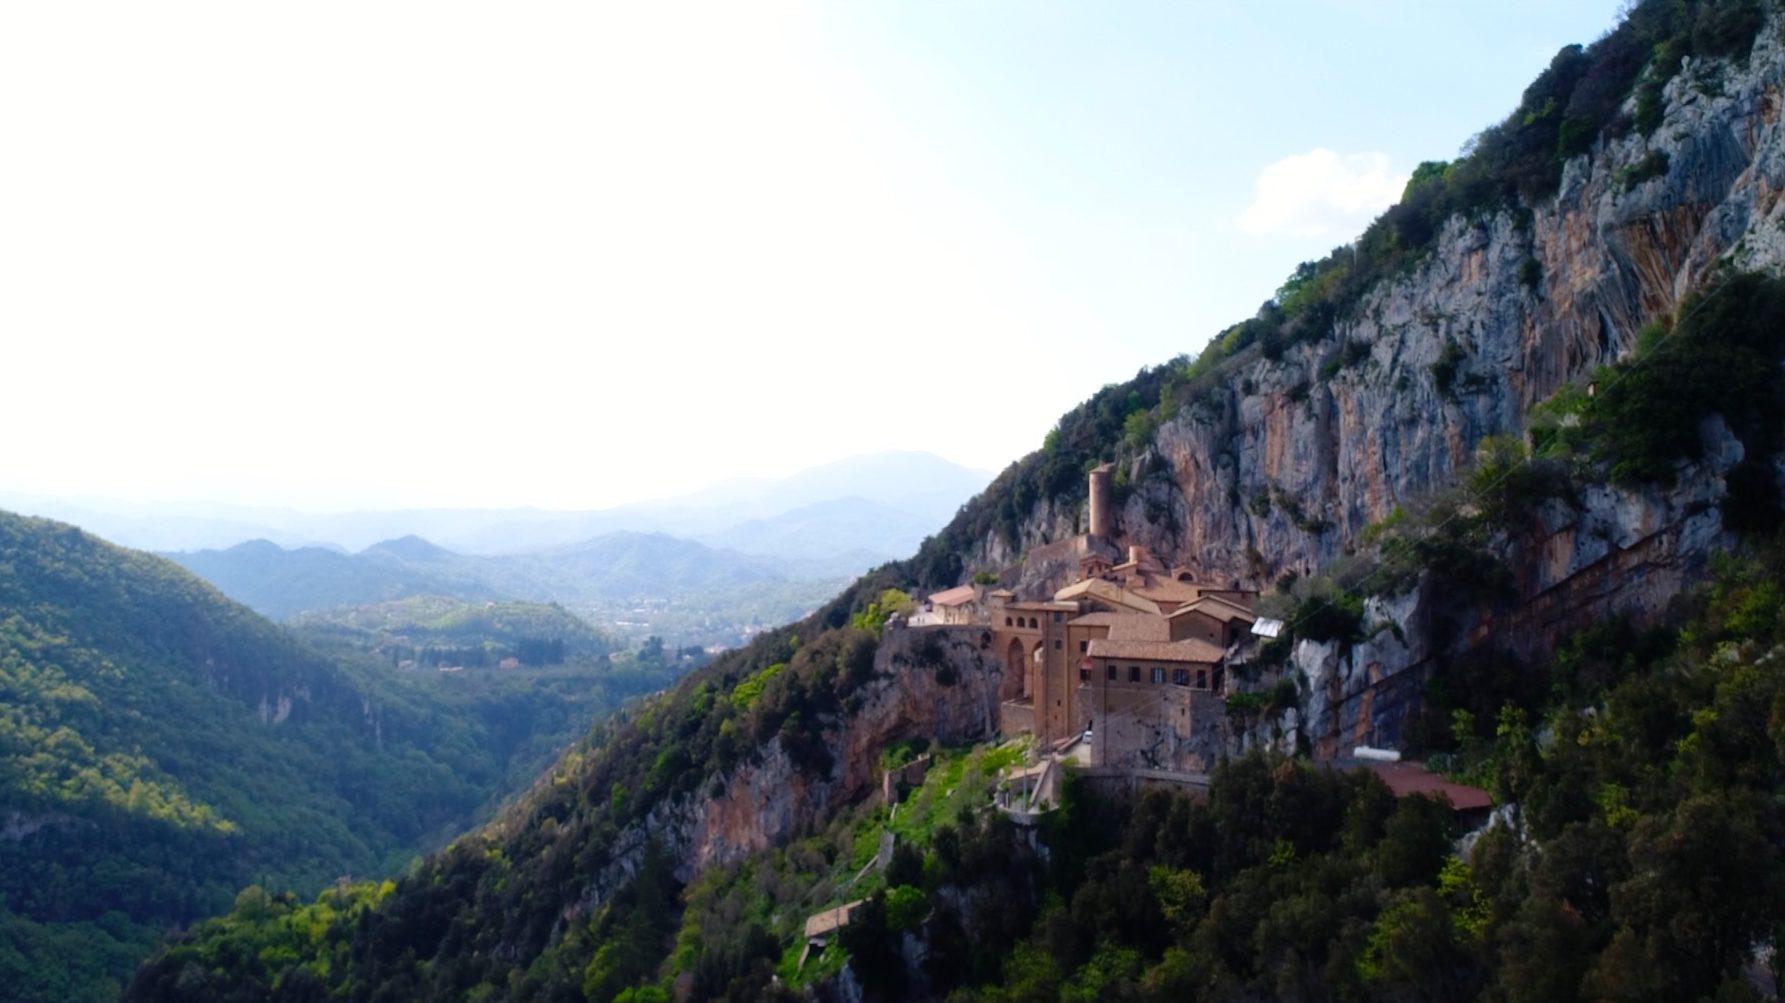 riprese fotografie aeree droni lazio monastero boschi natura